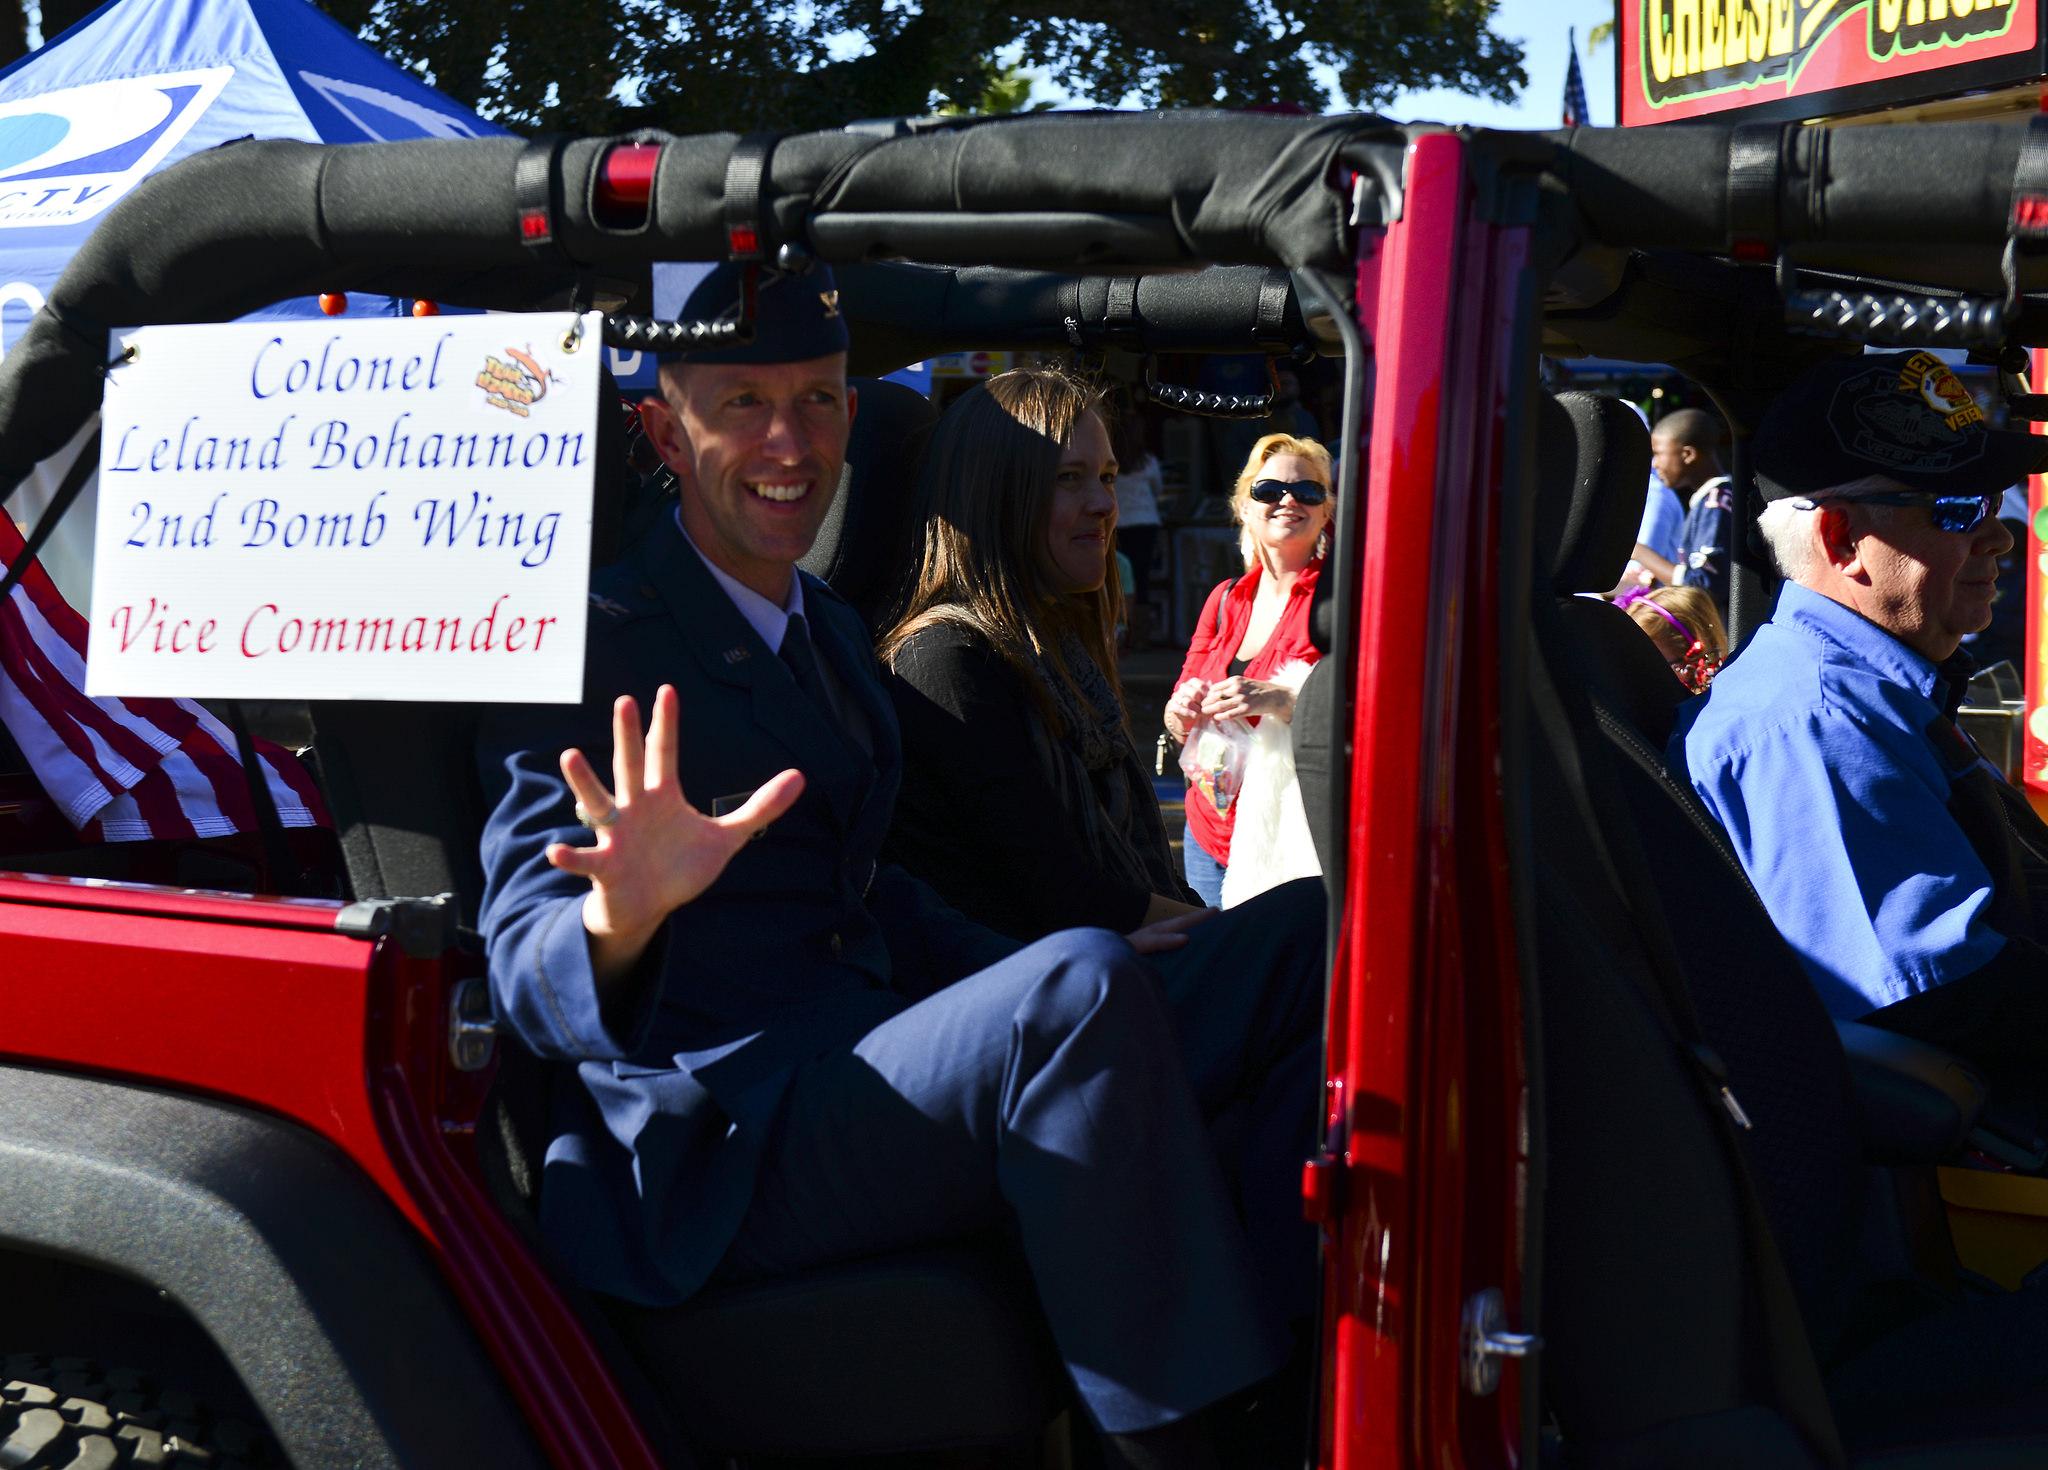 Republican senators support disciplined Air Force colonel